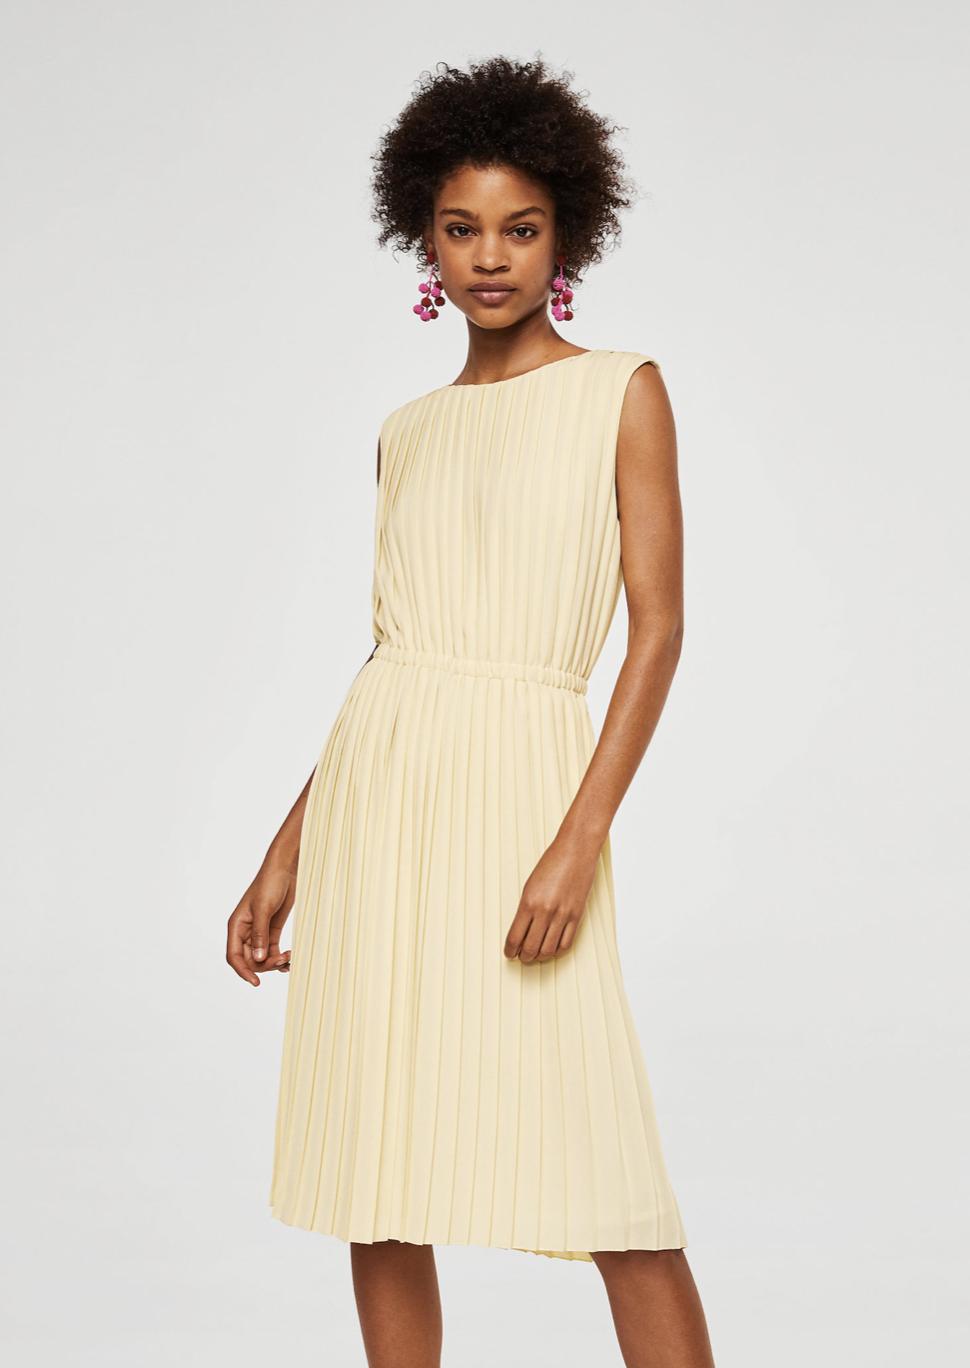 pleated midi dress –$99.99